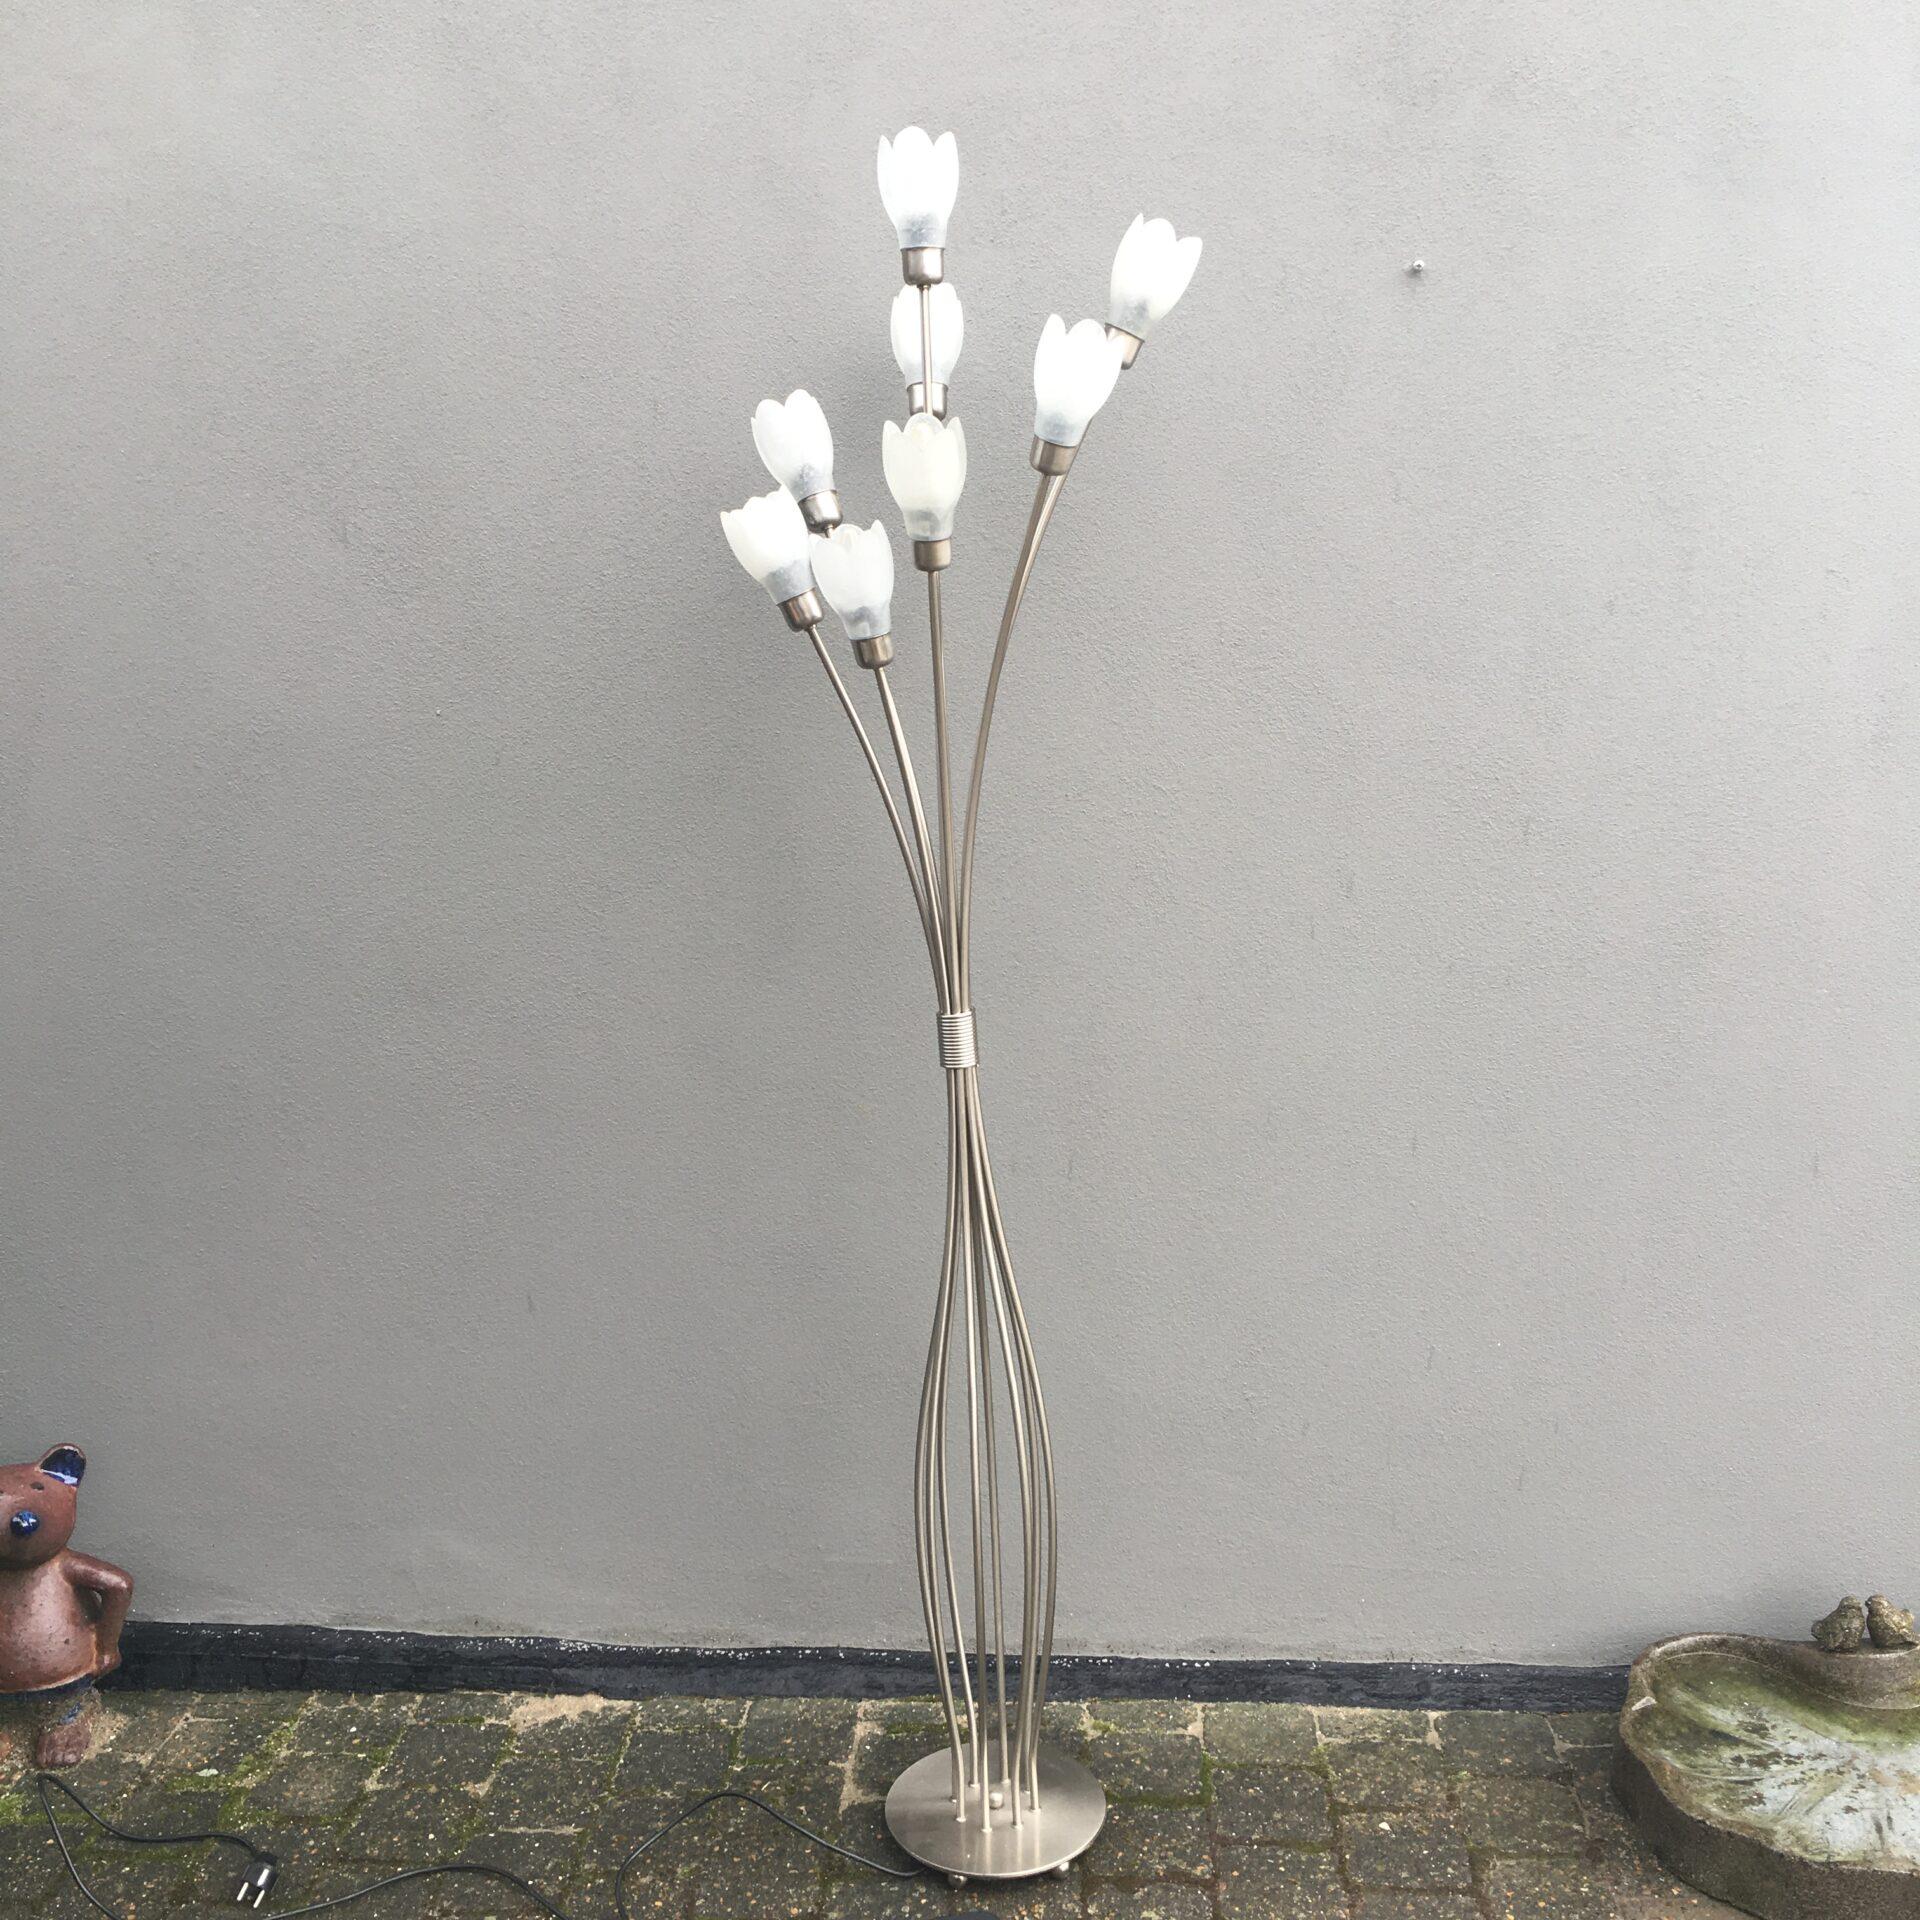 gulvlampe med 8 lysarme, pris 800 kr. NU UDSALG 300kr